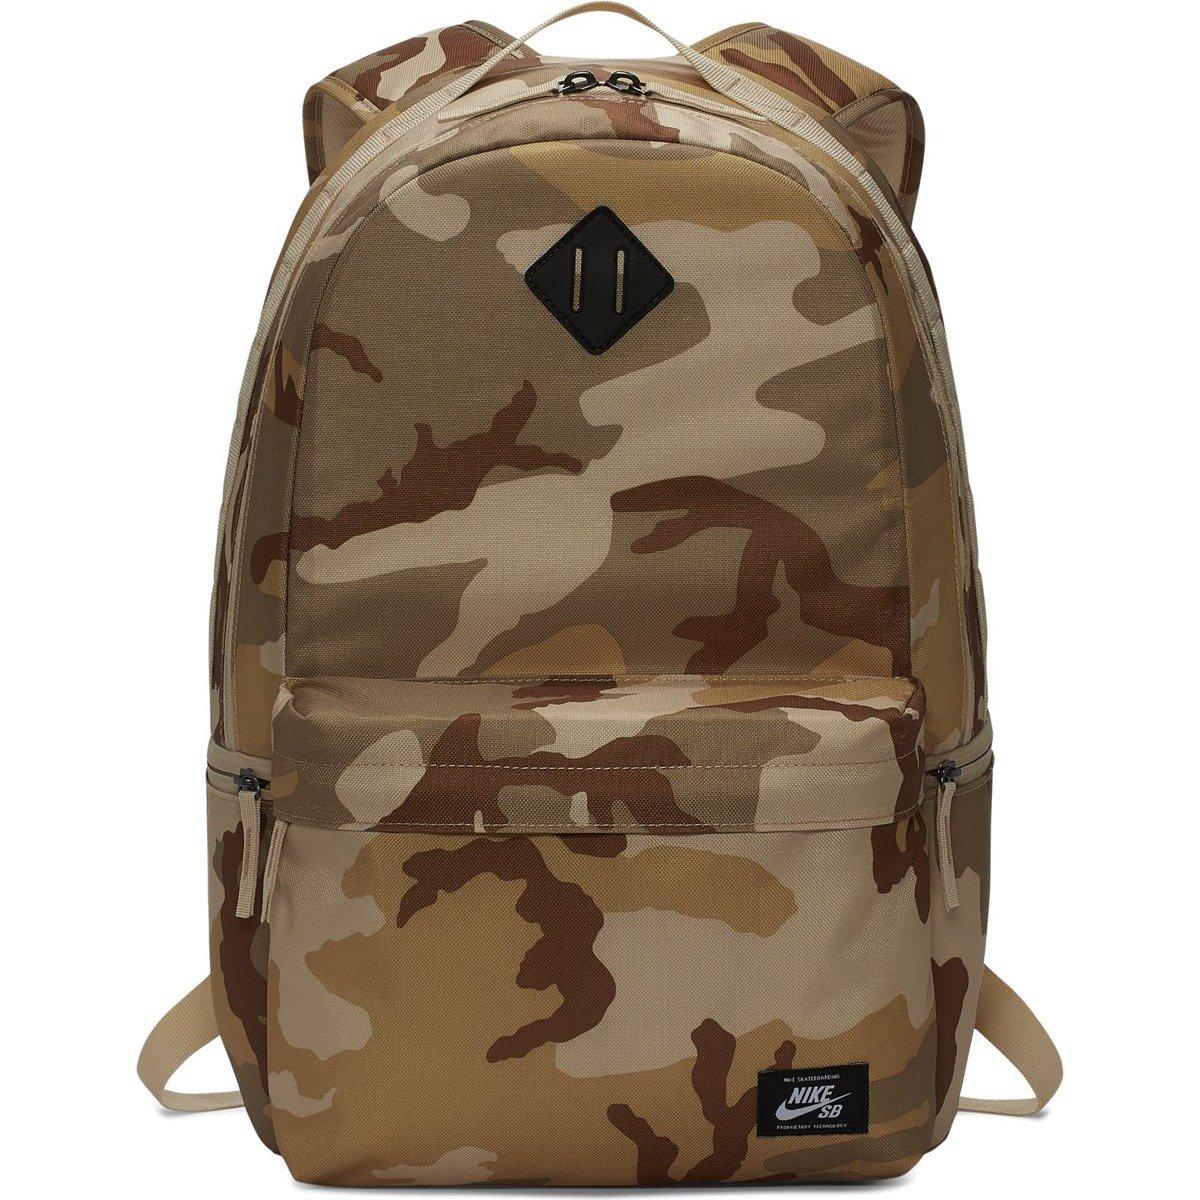 0703cbcc9d4b8 Nike Sb Icon Backpack - Aop D Camo Desert Camo/desert Camo/desert Camo |  Accesories \ Backpacks Brands \ Nike SB | Skateshop Miniramp.pl